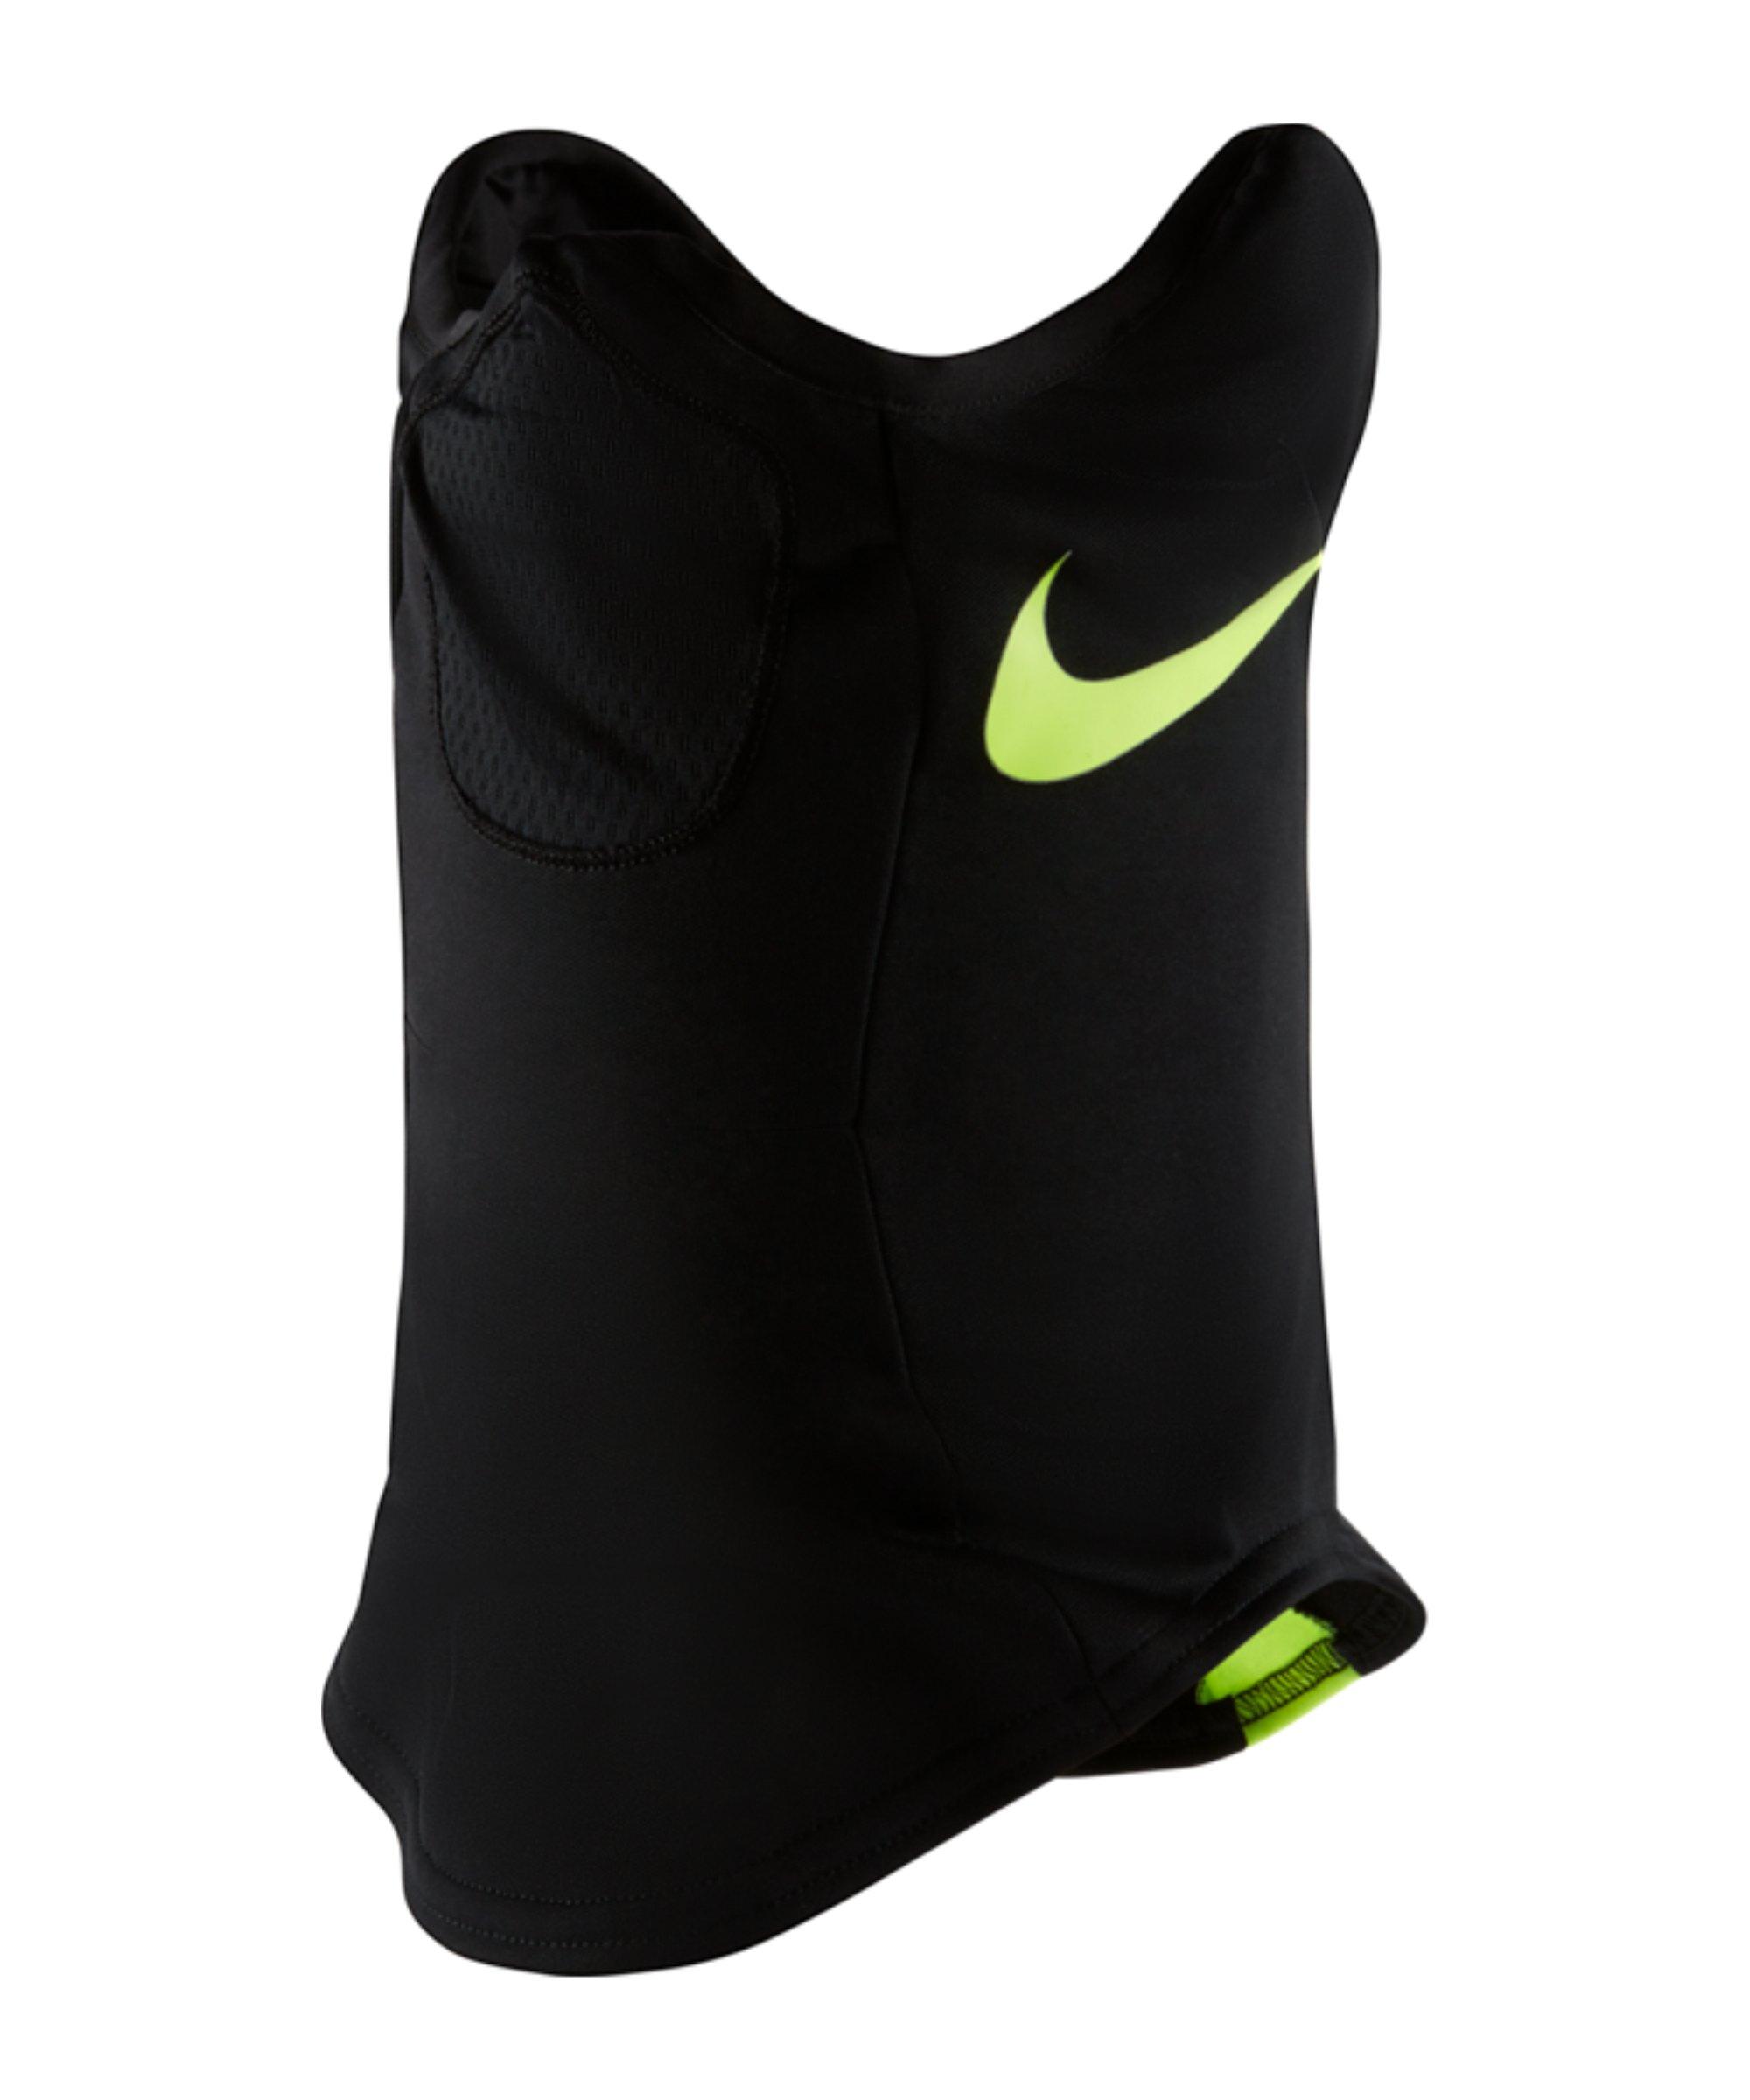 Nike Strike Soccer Snood Neckwarmer Schwarz F014 - schwarz